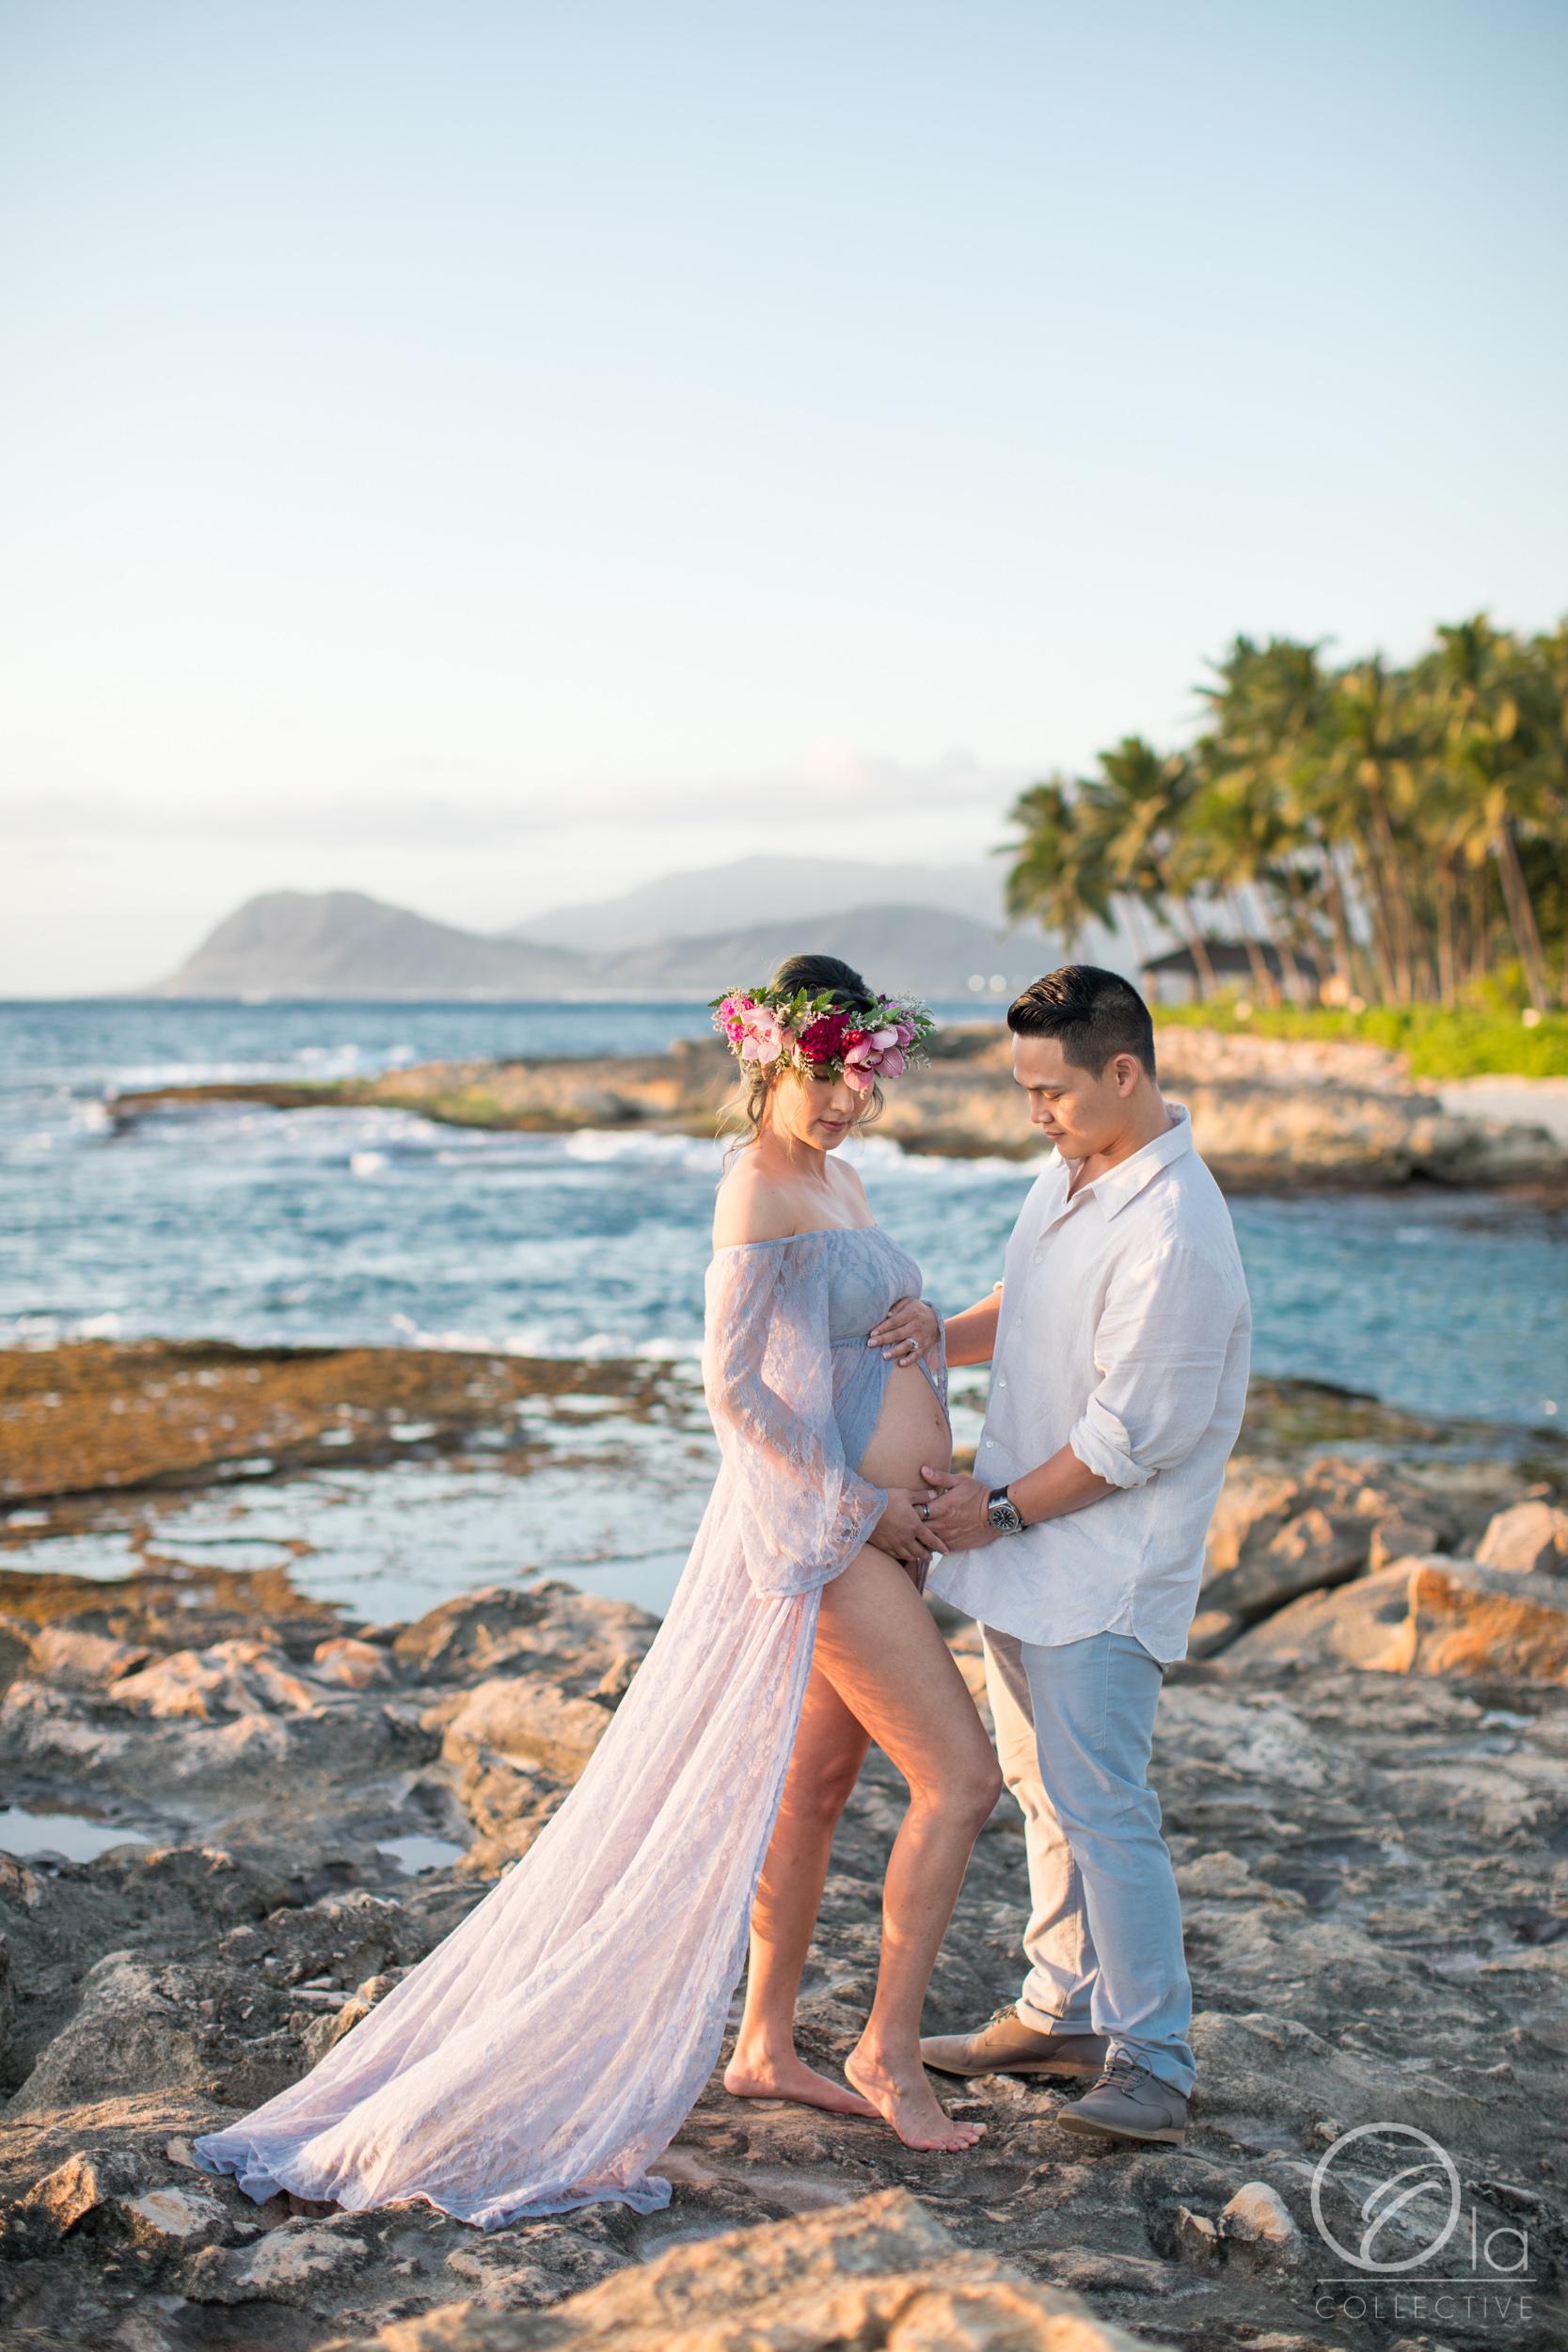 Four-Seasons-Oahu-Maternity-Photographer-Ola-Collective-5.jpg